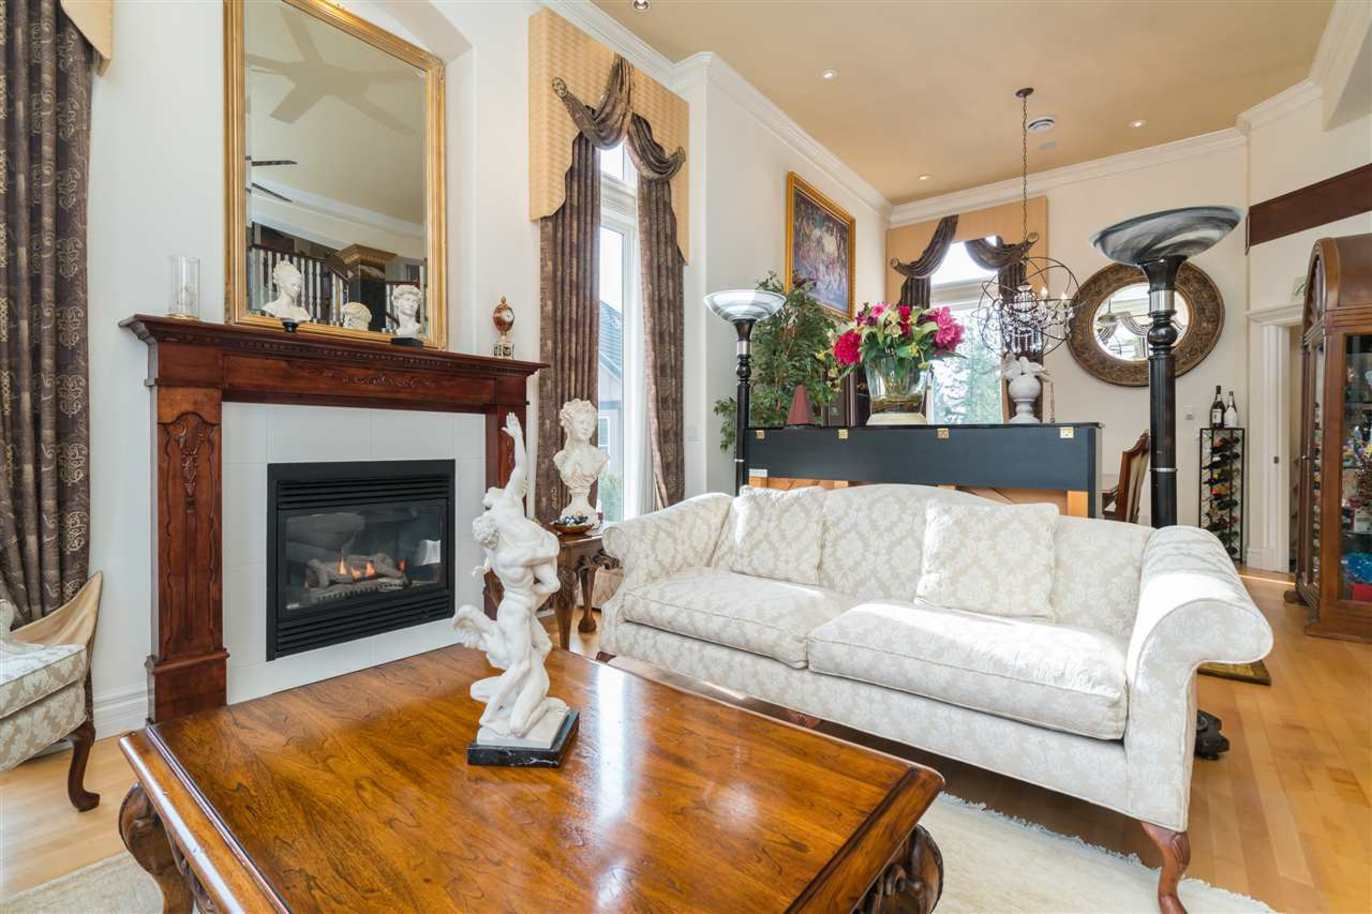 5355-186a-street-cloverdale-bc-cloverdale-06 at 5355 186a Street, Cloverdale BC, Cloverdale